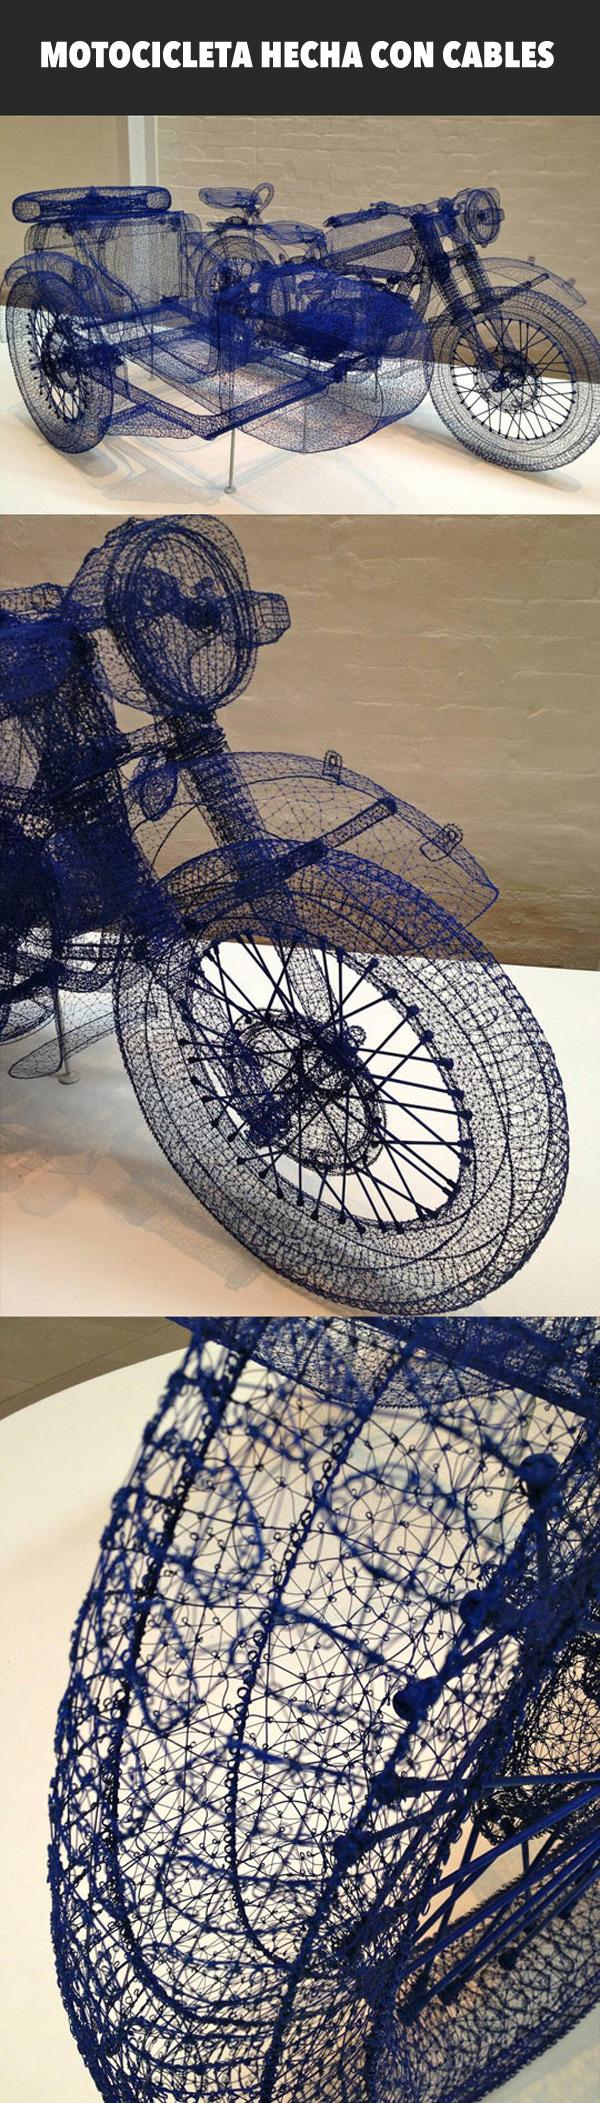 Motocicleta hecha con cables